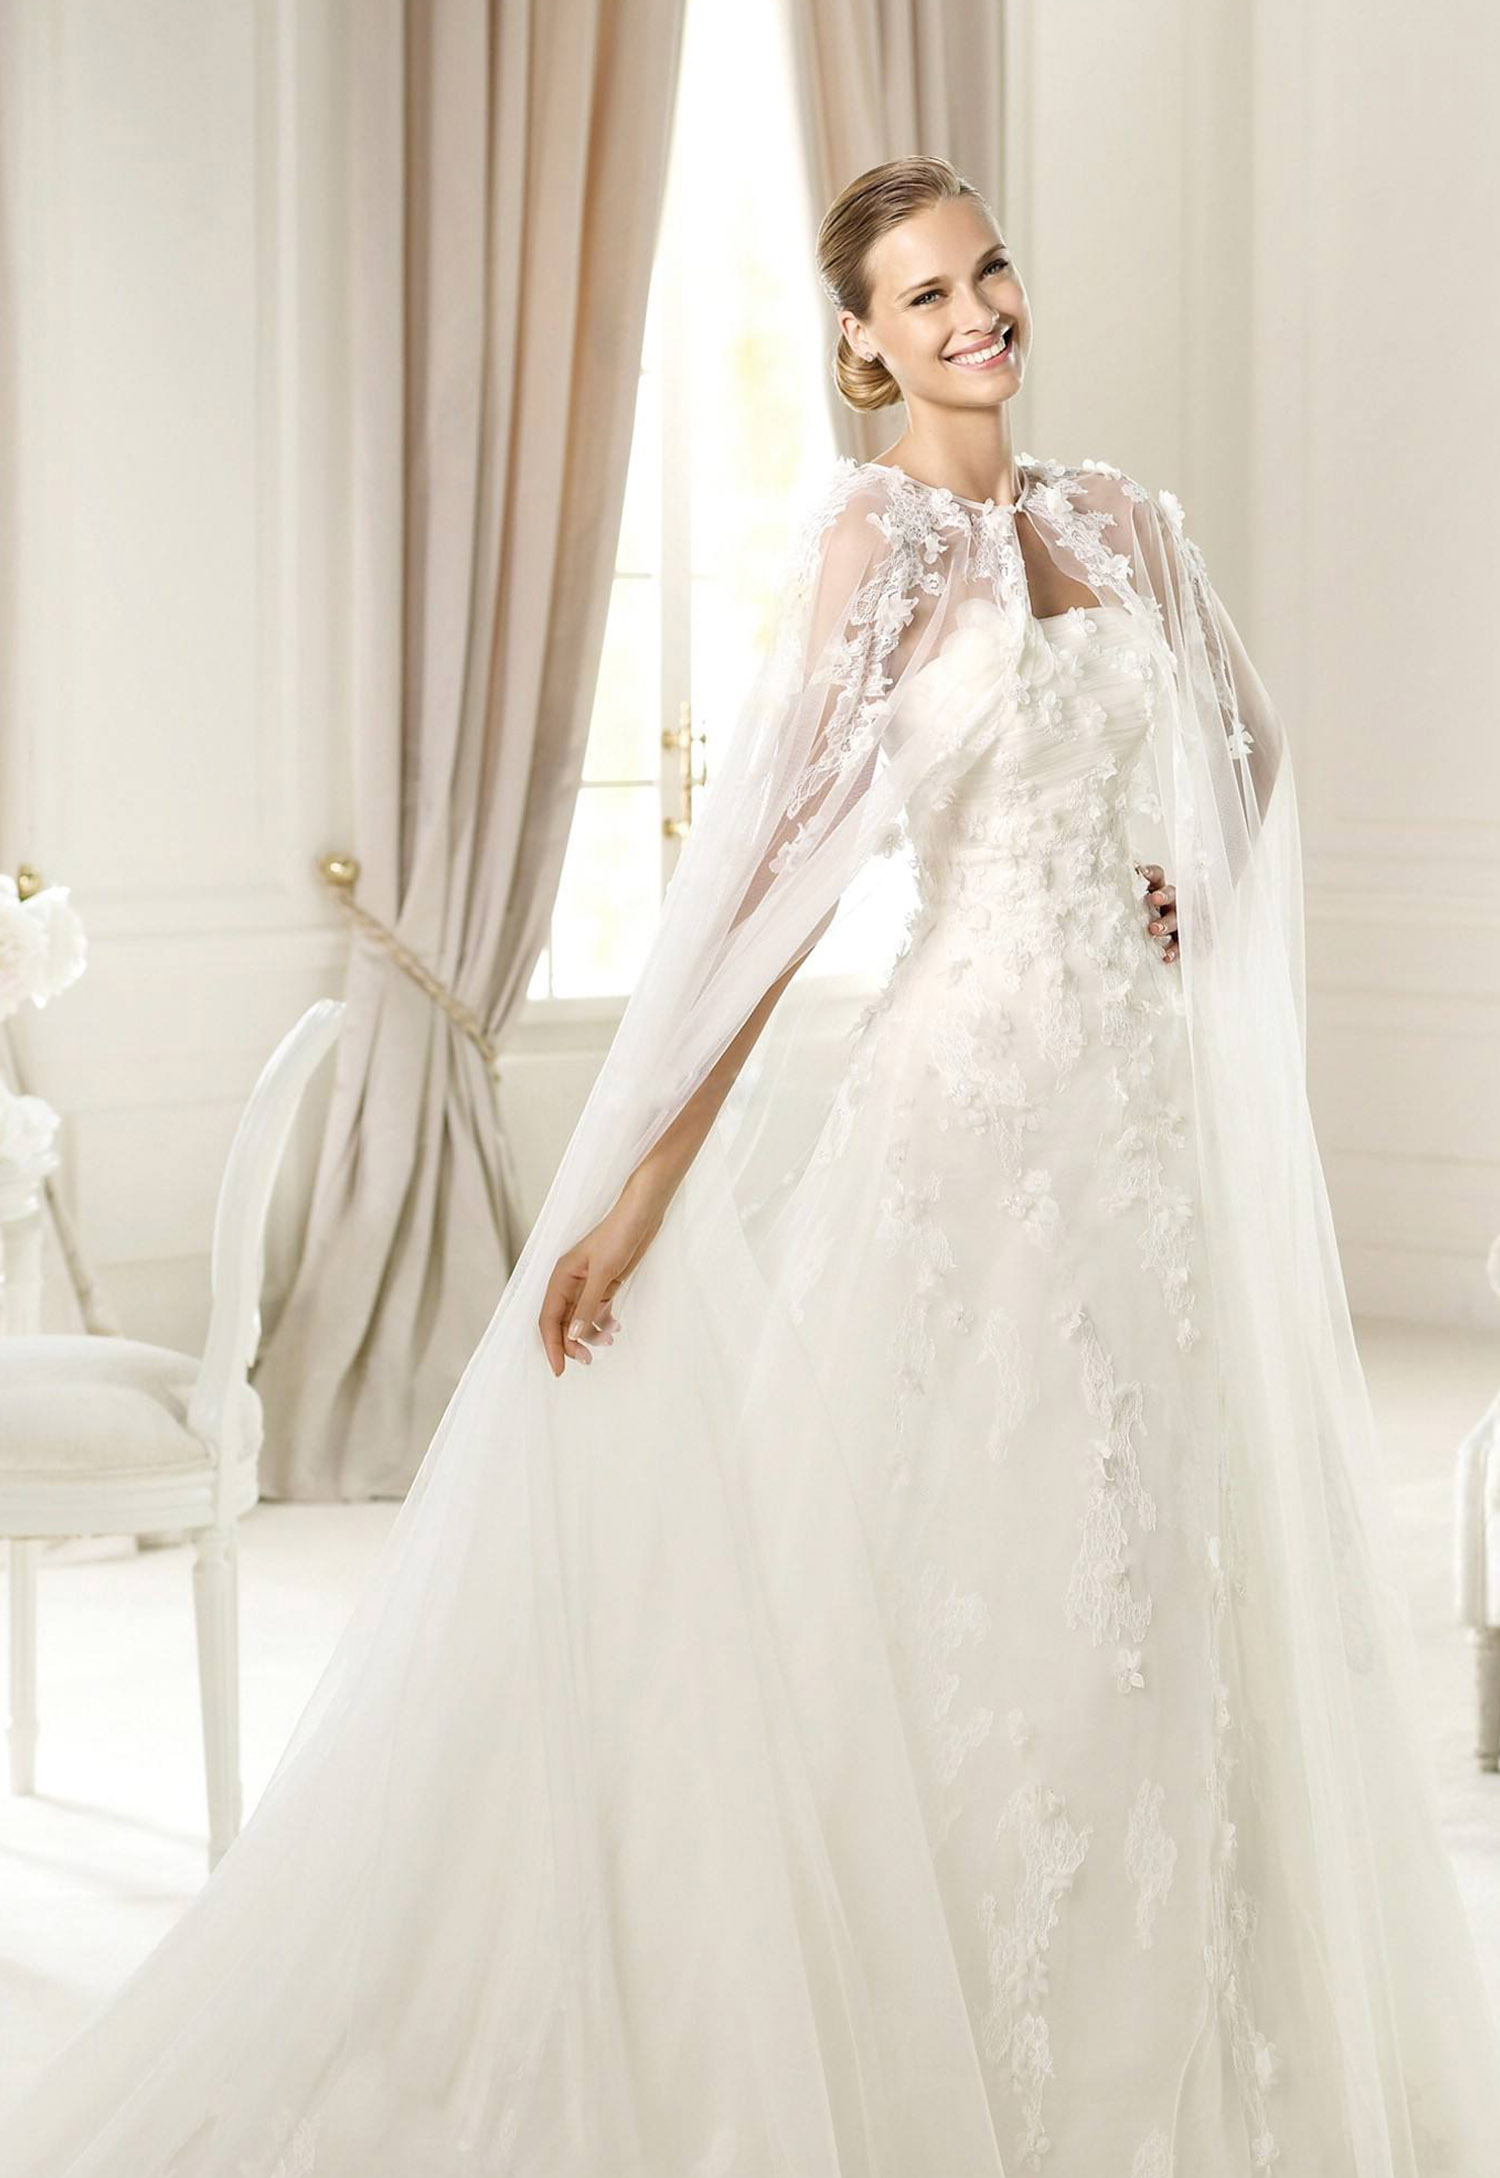 不同款式礼服解析   婚纱披肩在近几年越来越流行,虽然婚纱礼帽等也是